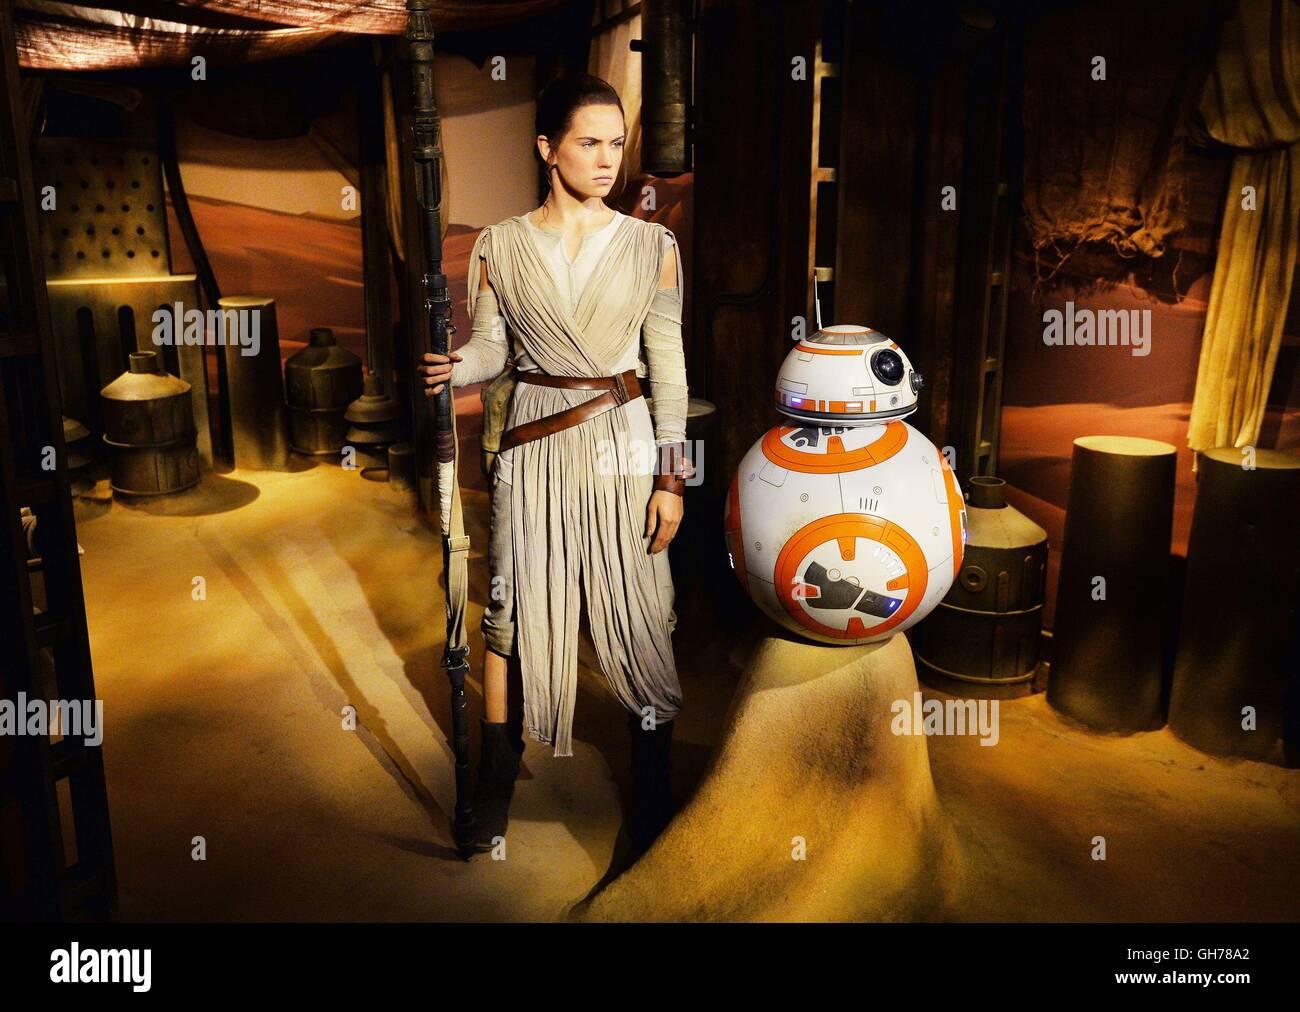 Die Neue Wachsfigur Von Star Wars The Force Awakens Charakter Rey